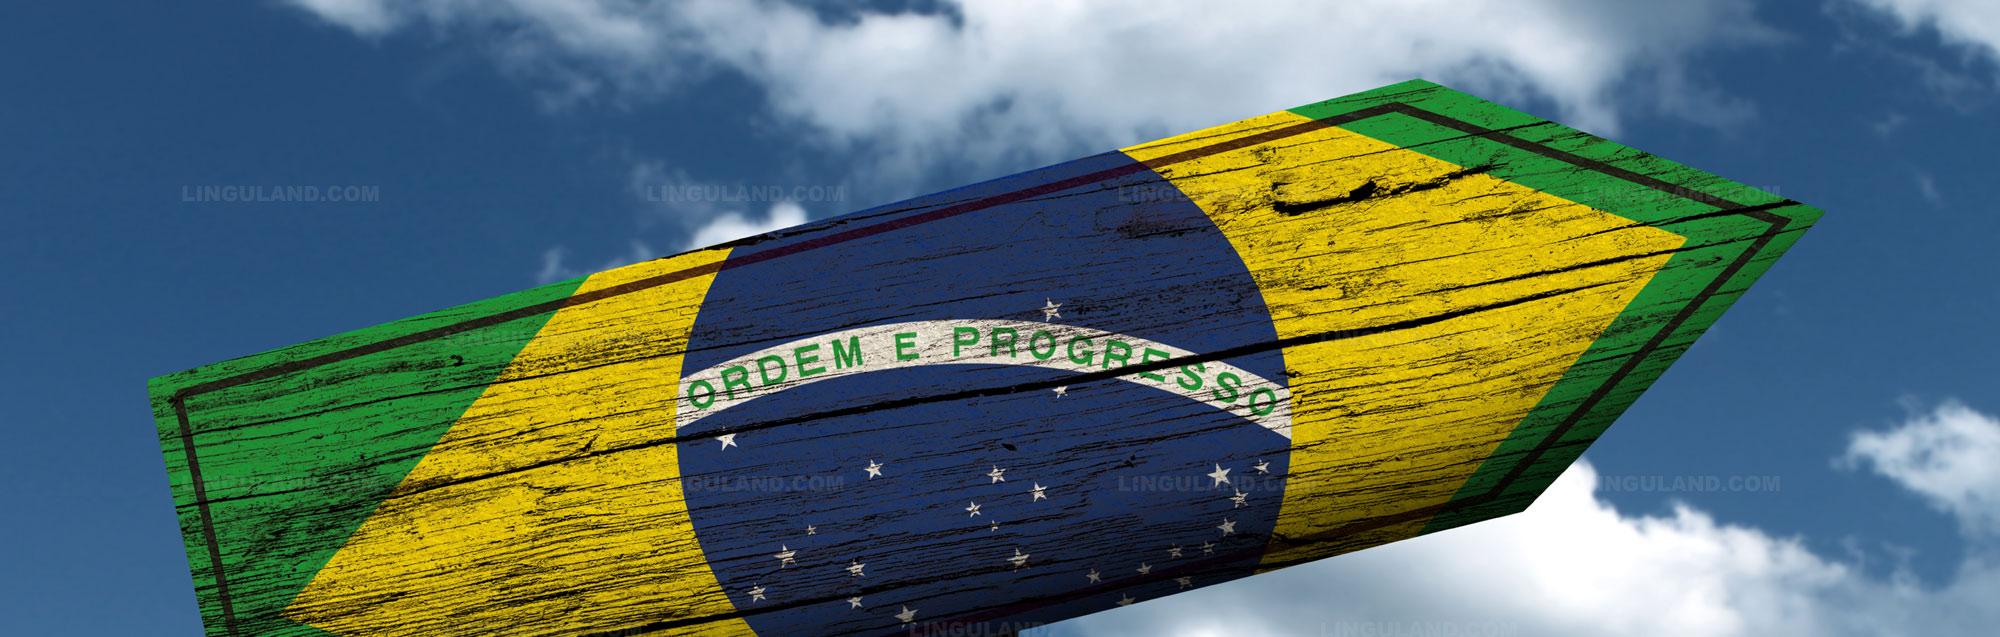 Aprender portugués: cursos de portugués en el extranjero